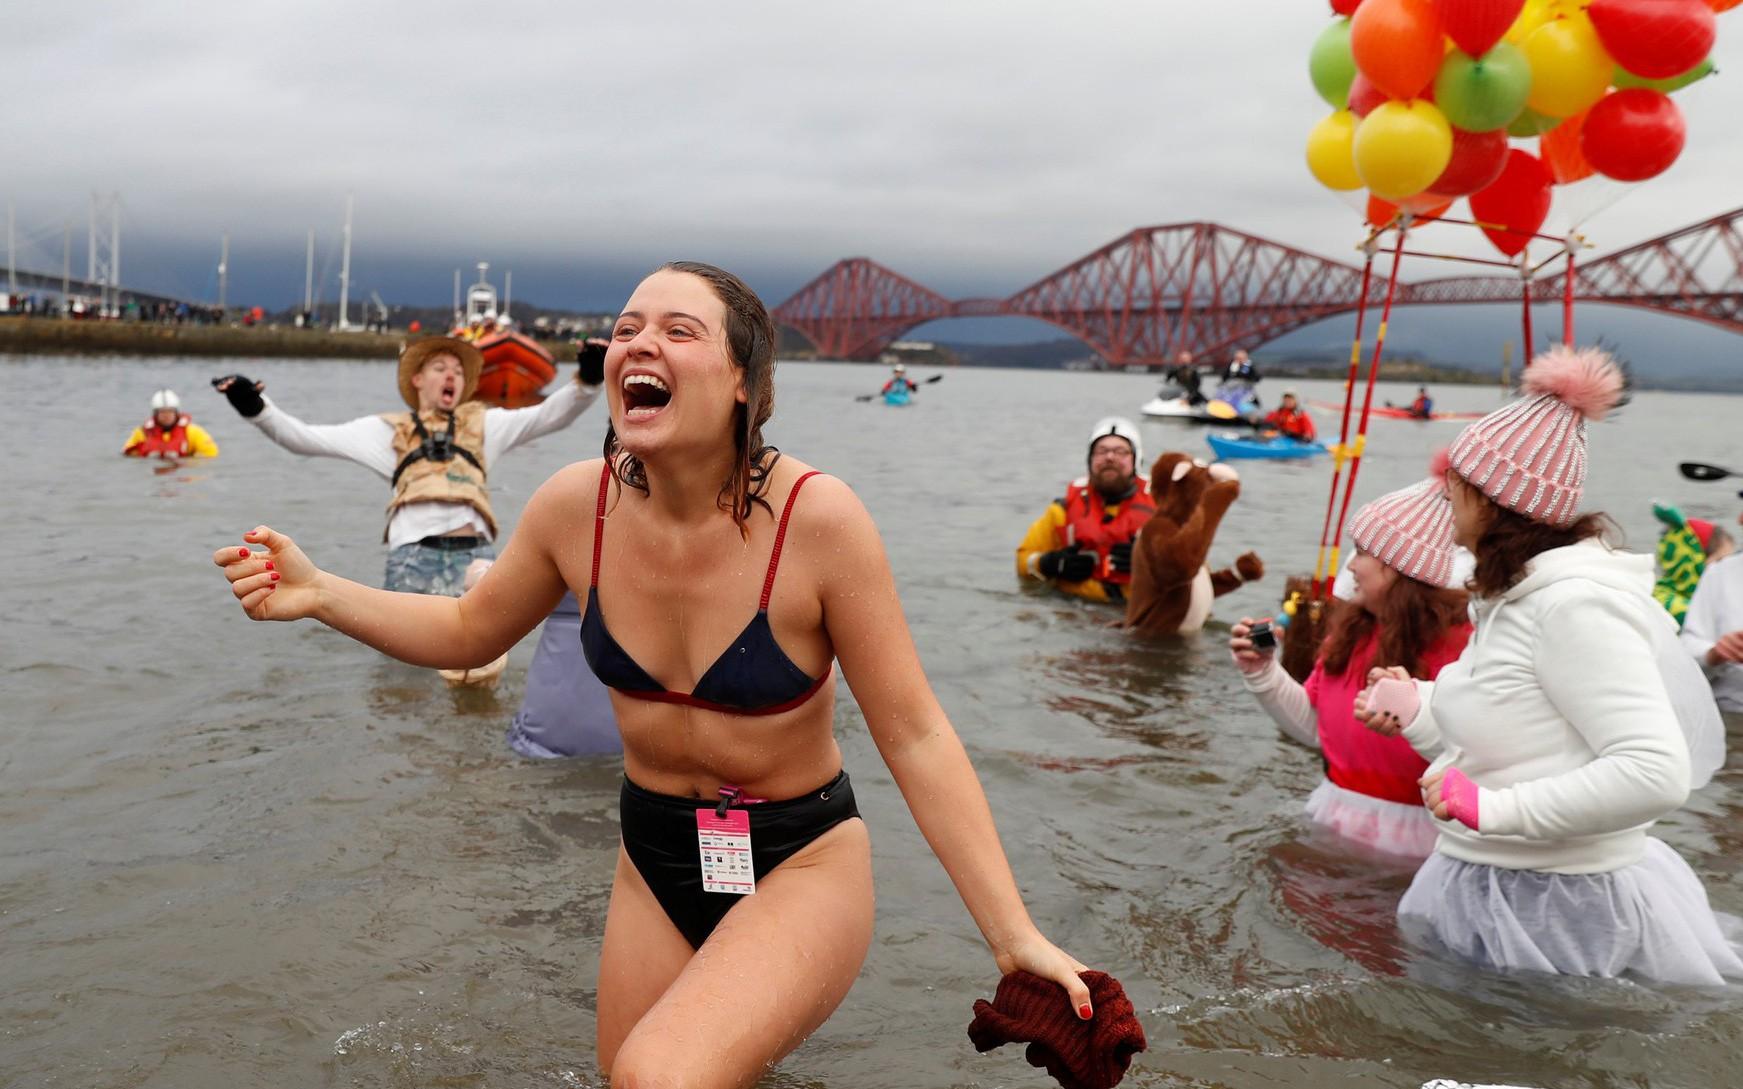 Bơi trong nước lạnh mừng năm mới ở khắp nơi